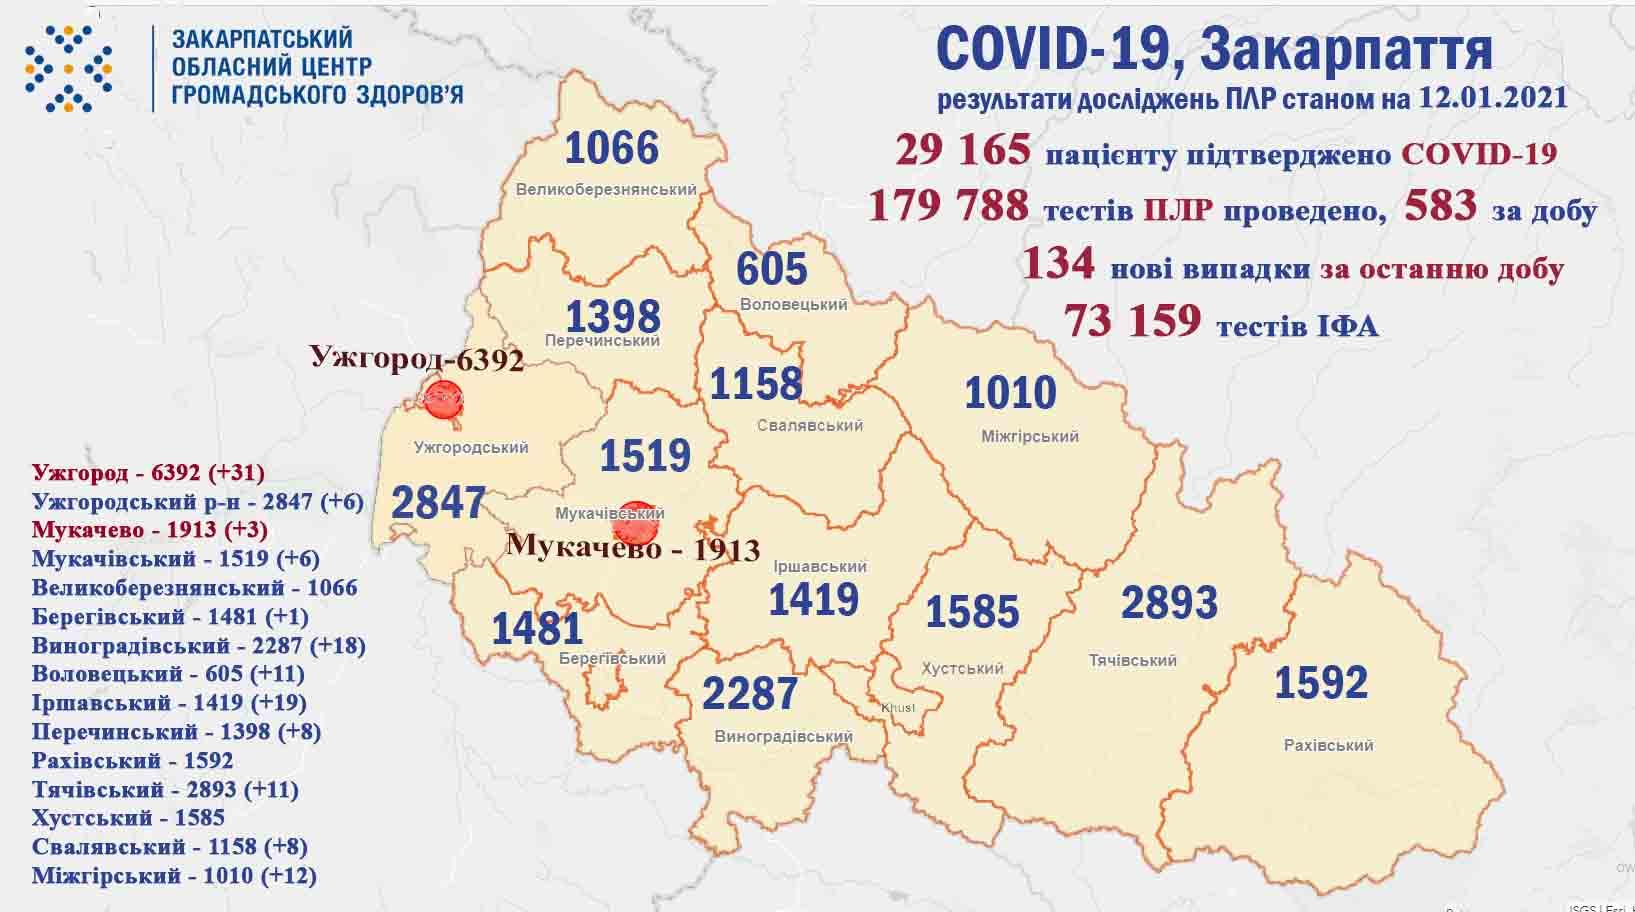 Протягом минулої доби на Закарпатті виявлено 134 випадки COVID-19